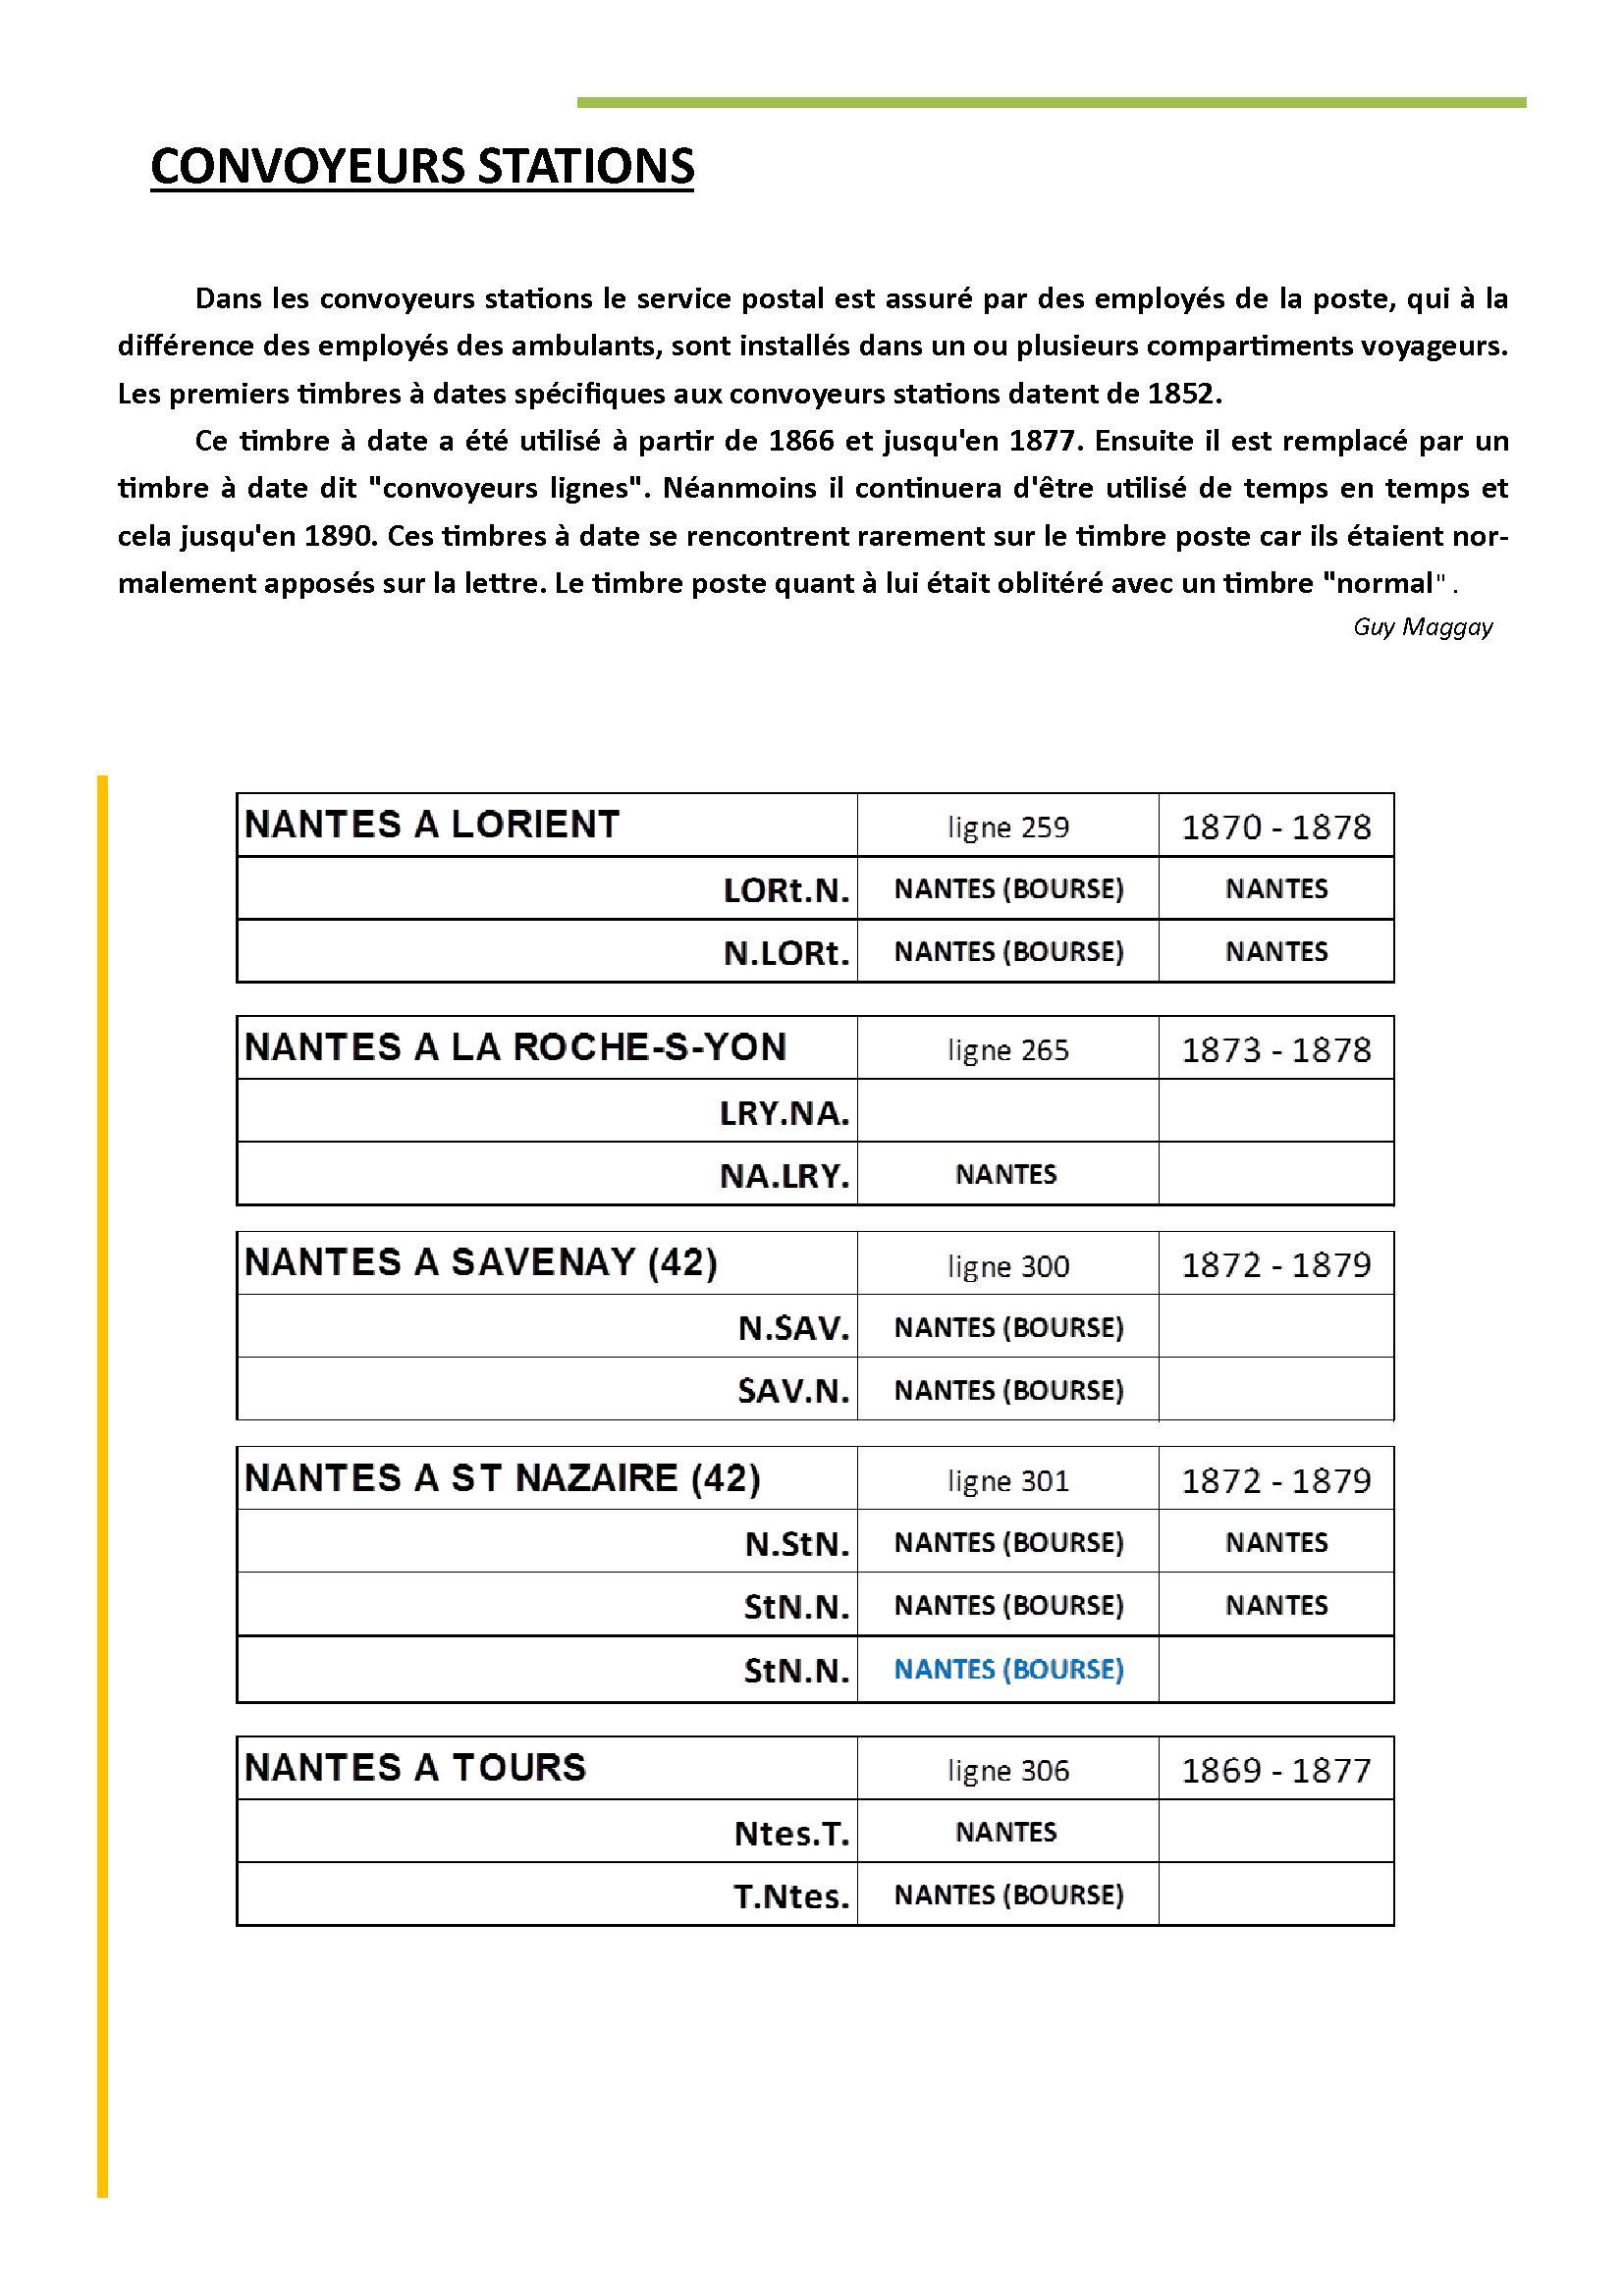 La Poste Nantes_12